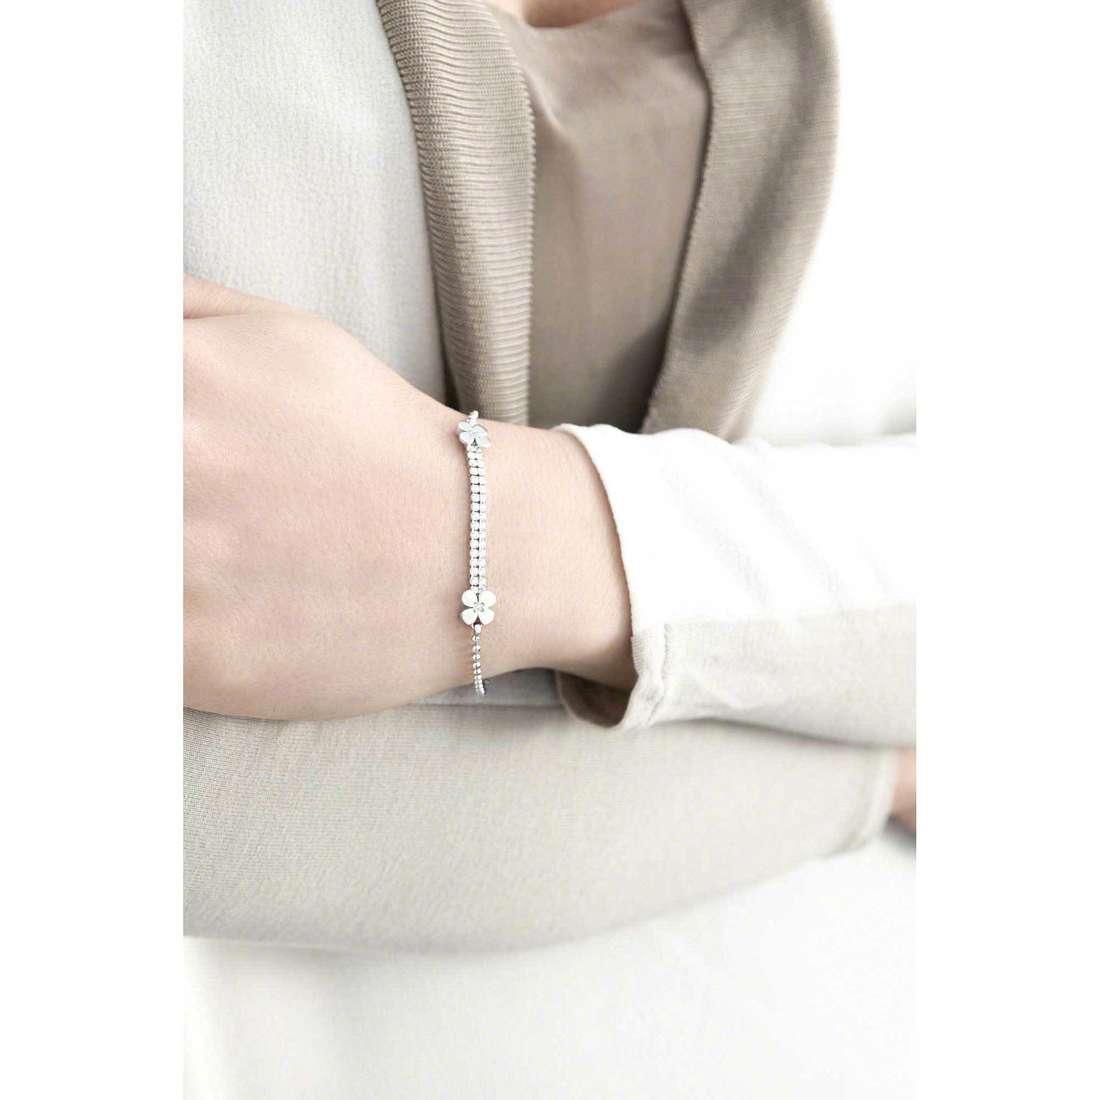 Jack&co bracelets Dream woman JCB0718 indosso